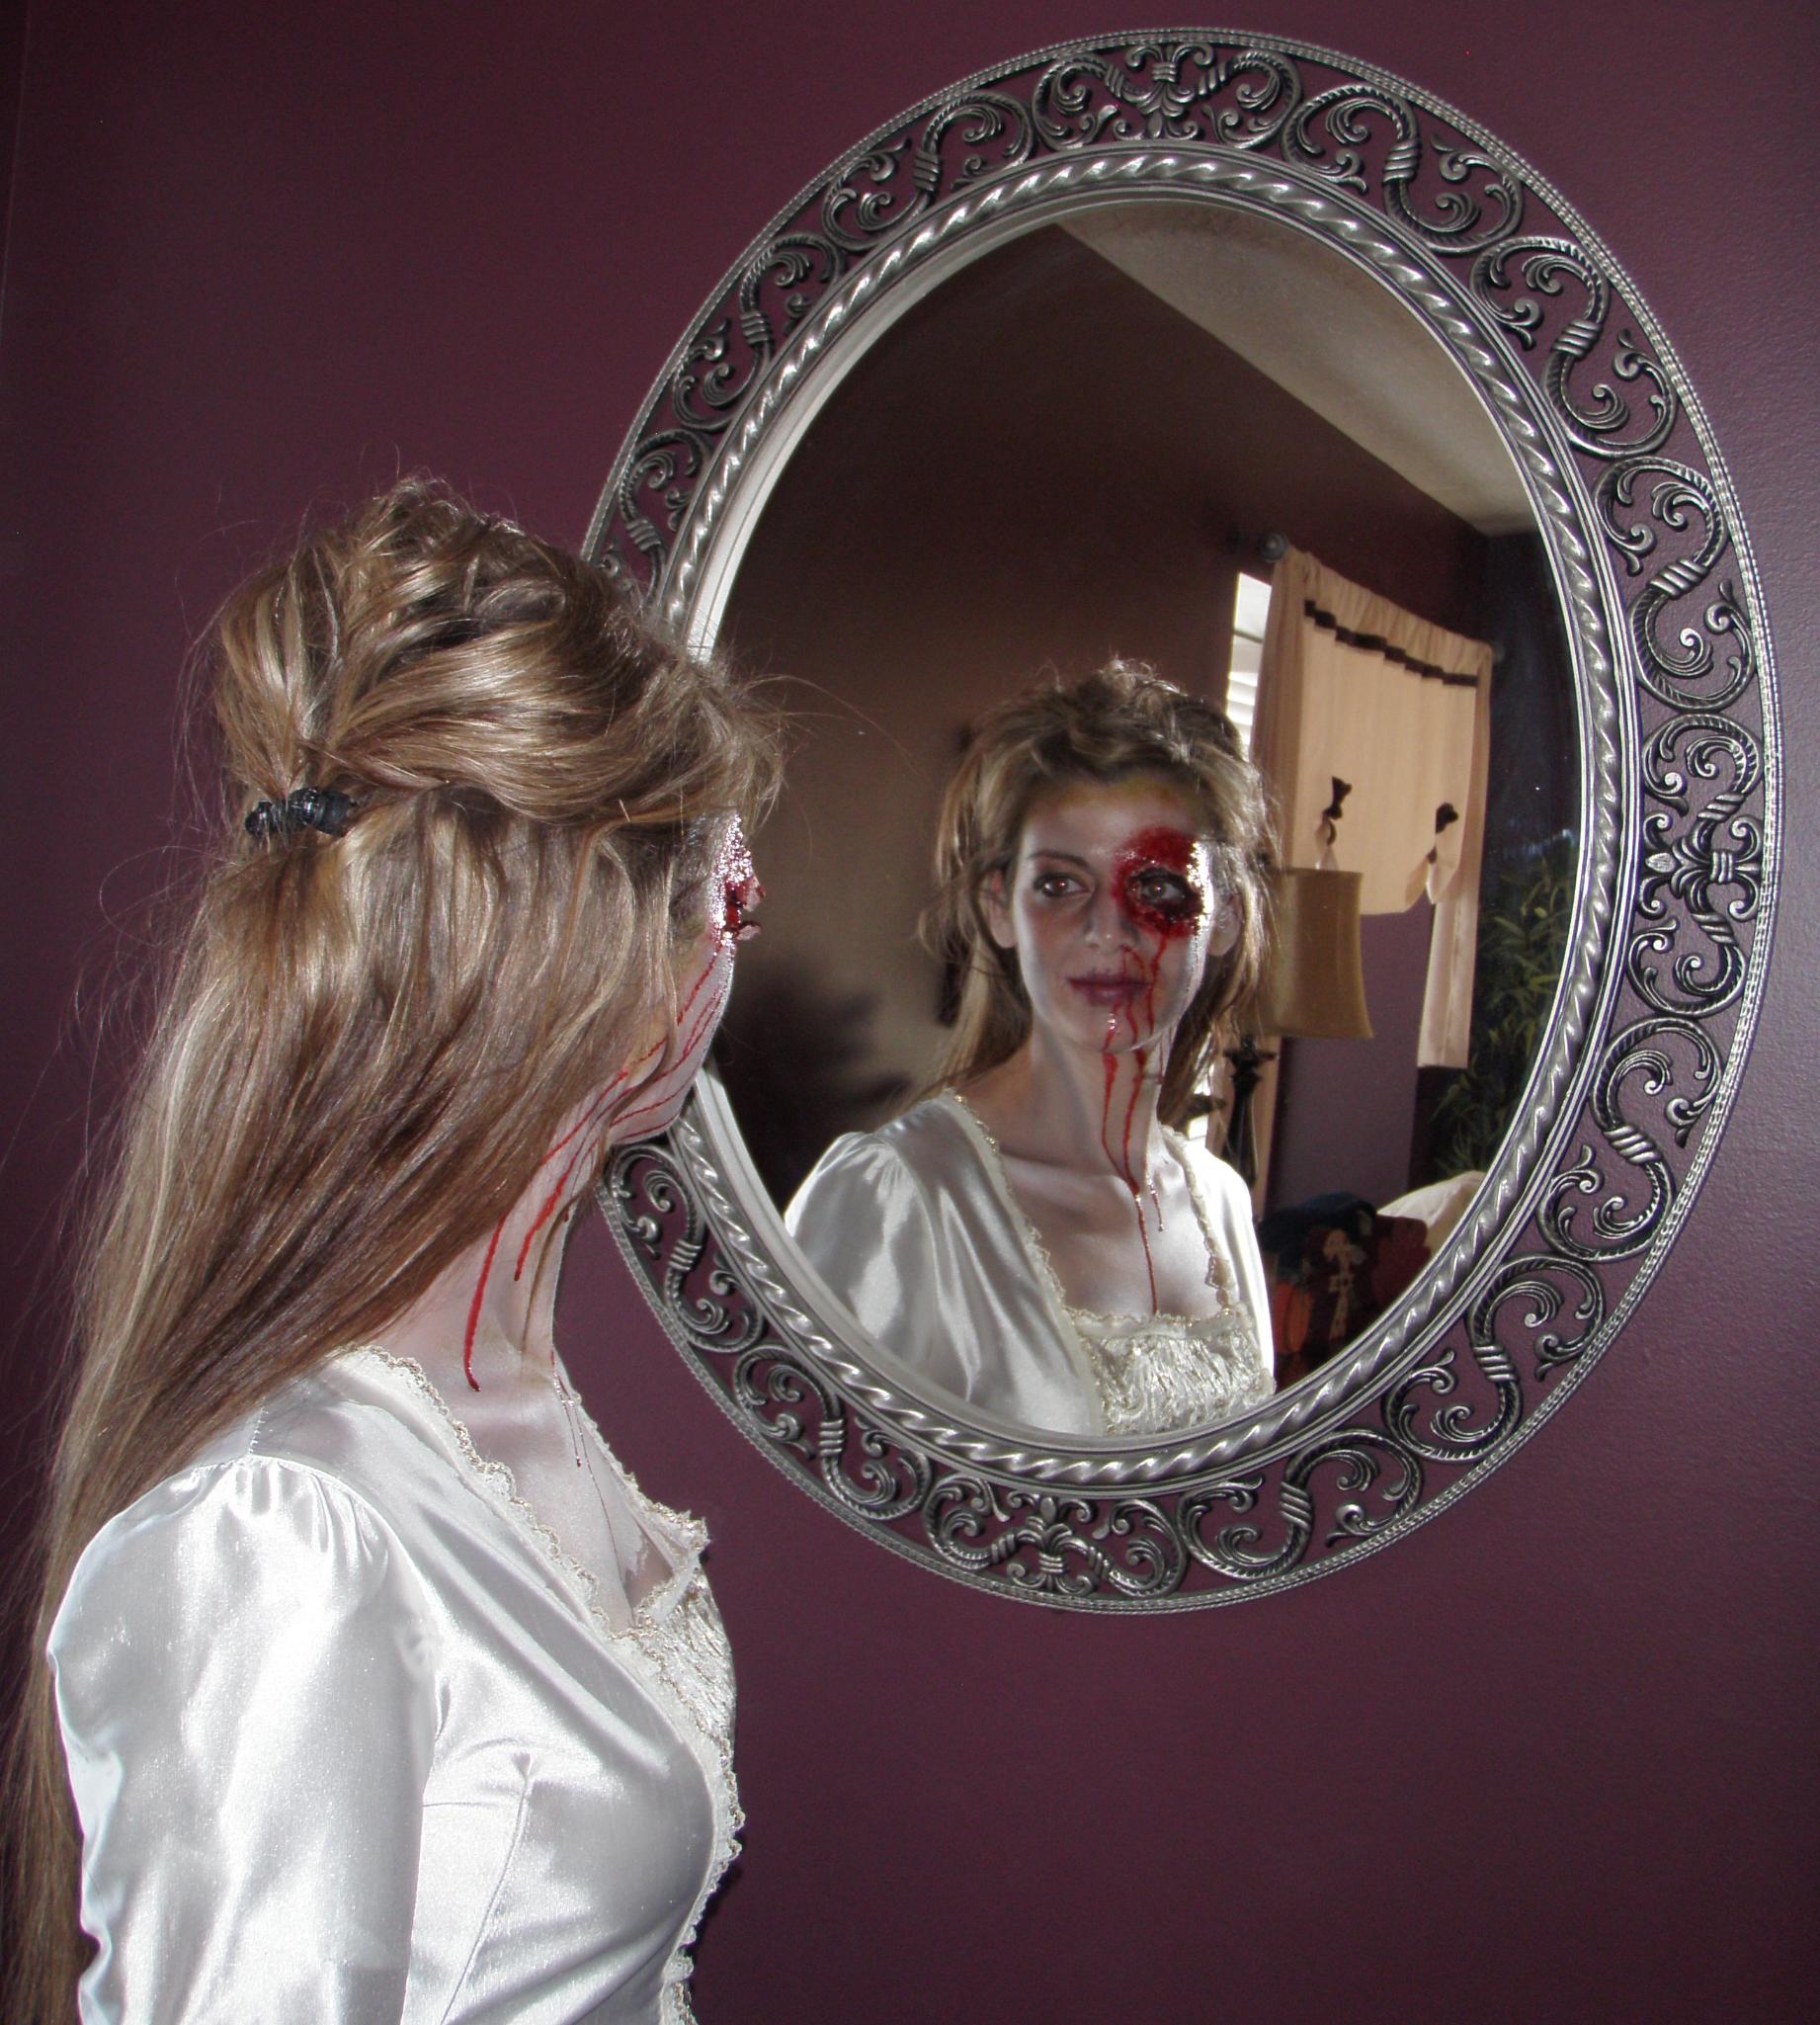 Face painter utah crysta barton 39 s phantastical faces for Mirror zombie girl